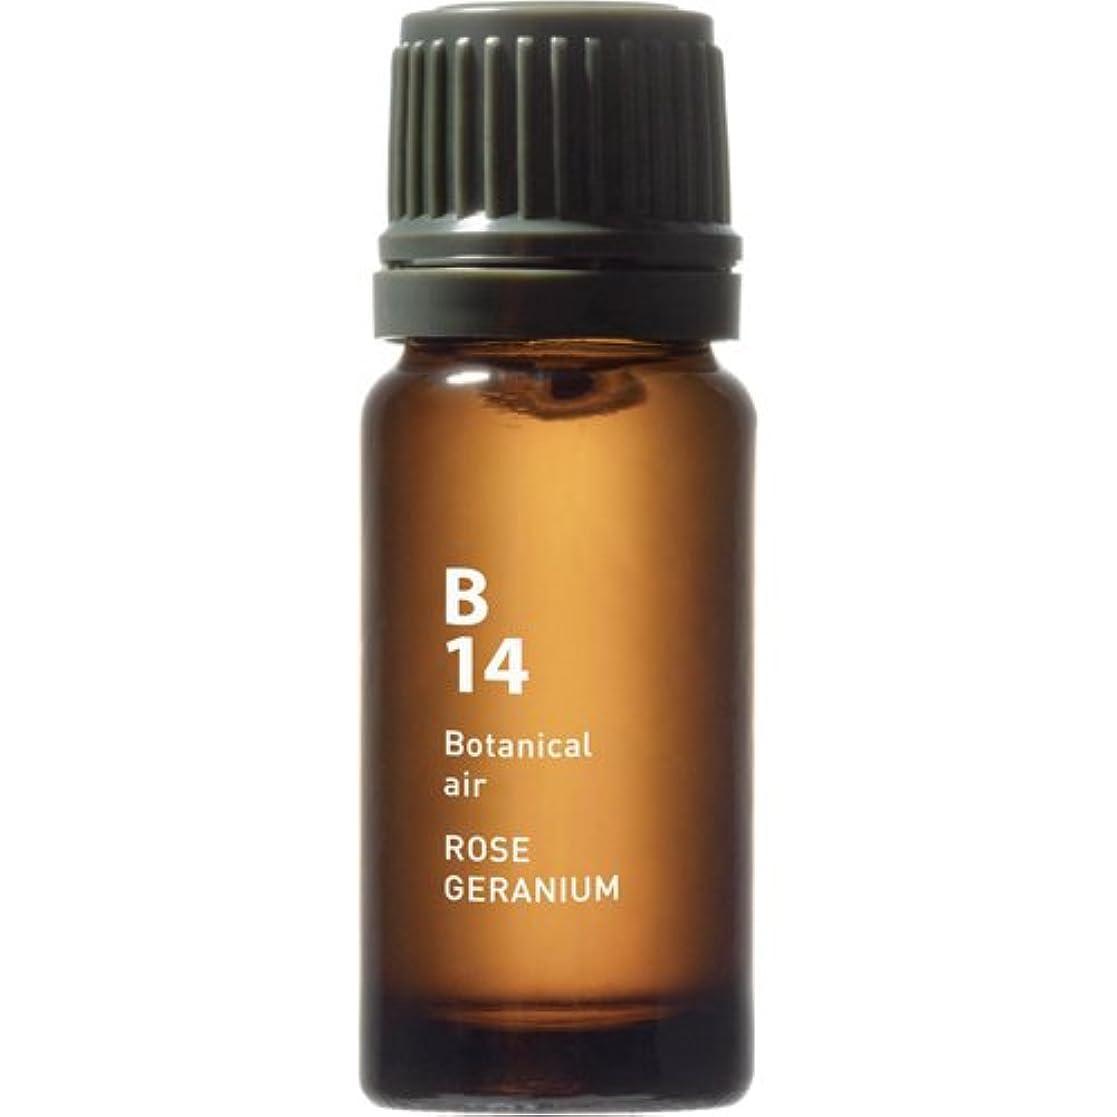 設置山岳援助B14 ローズゼラニウム Botanical air(ボタニカルエアー) 10ml